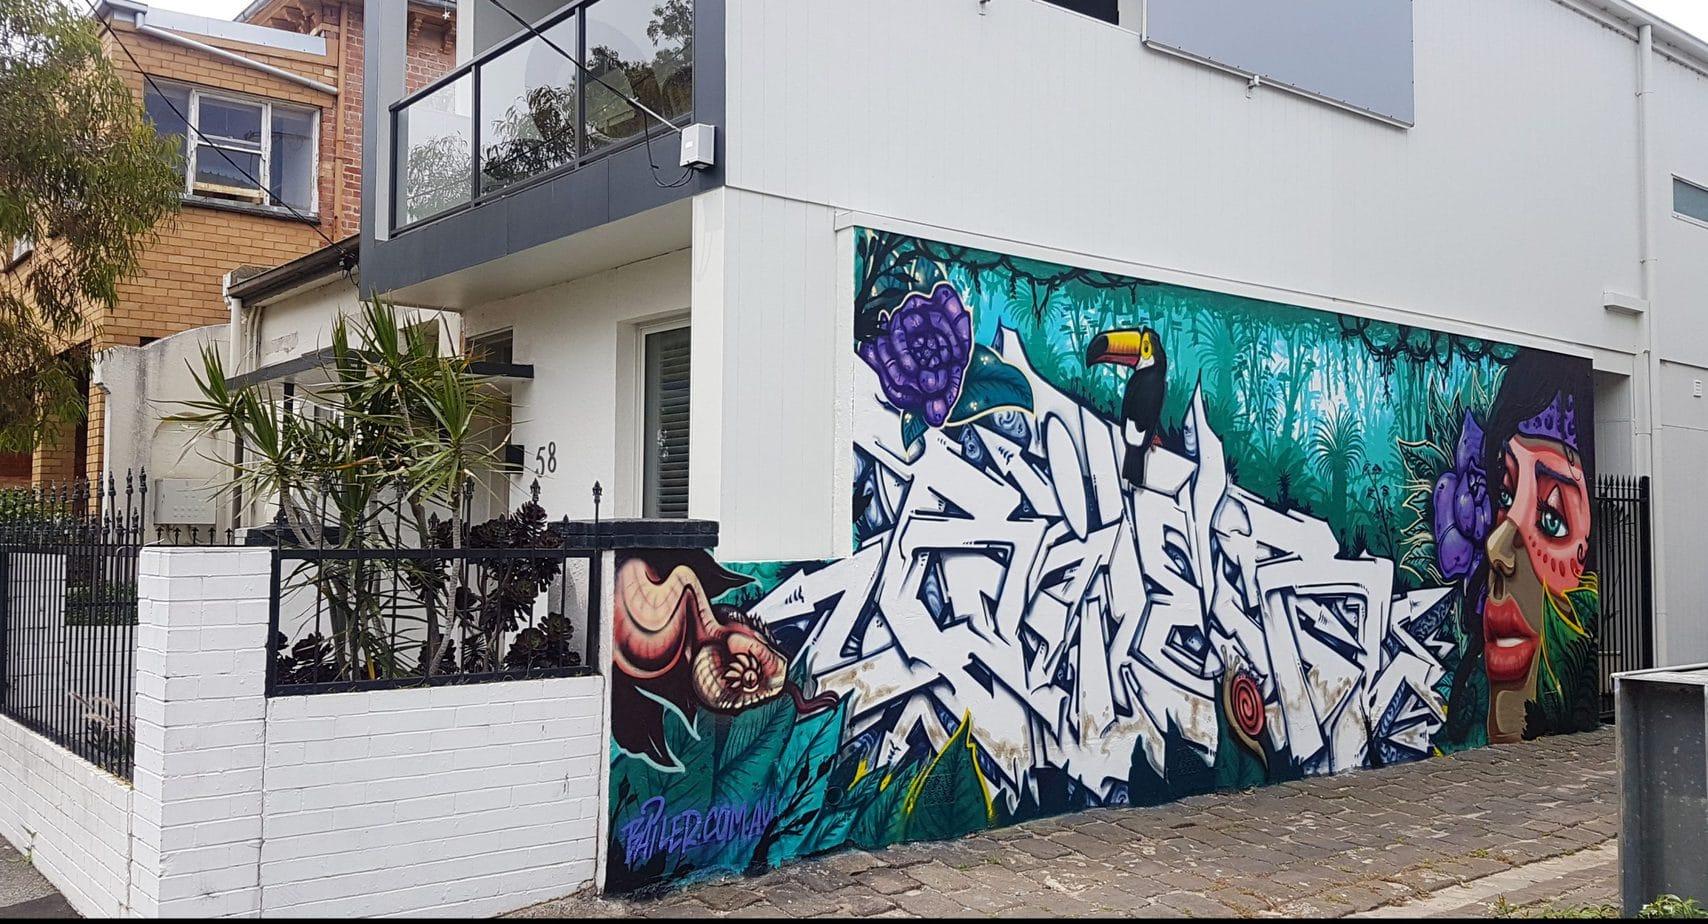 street artist, street art, graffiti, graffiti artist, street artists for hire, urban enhancement